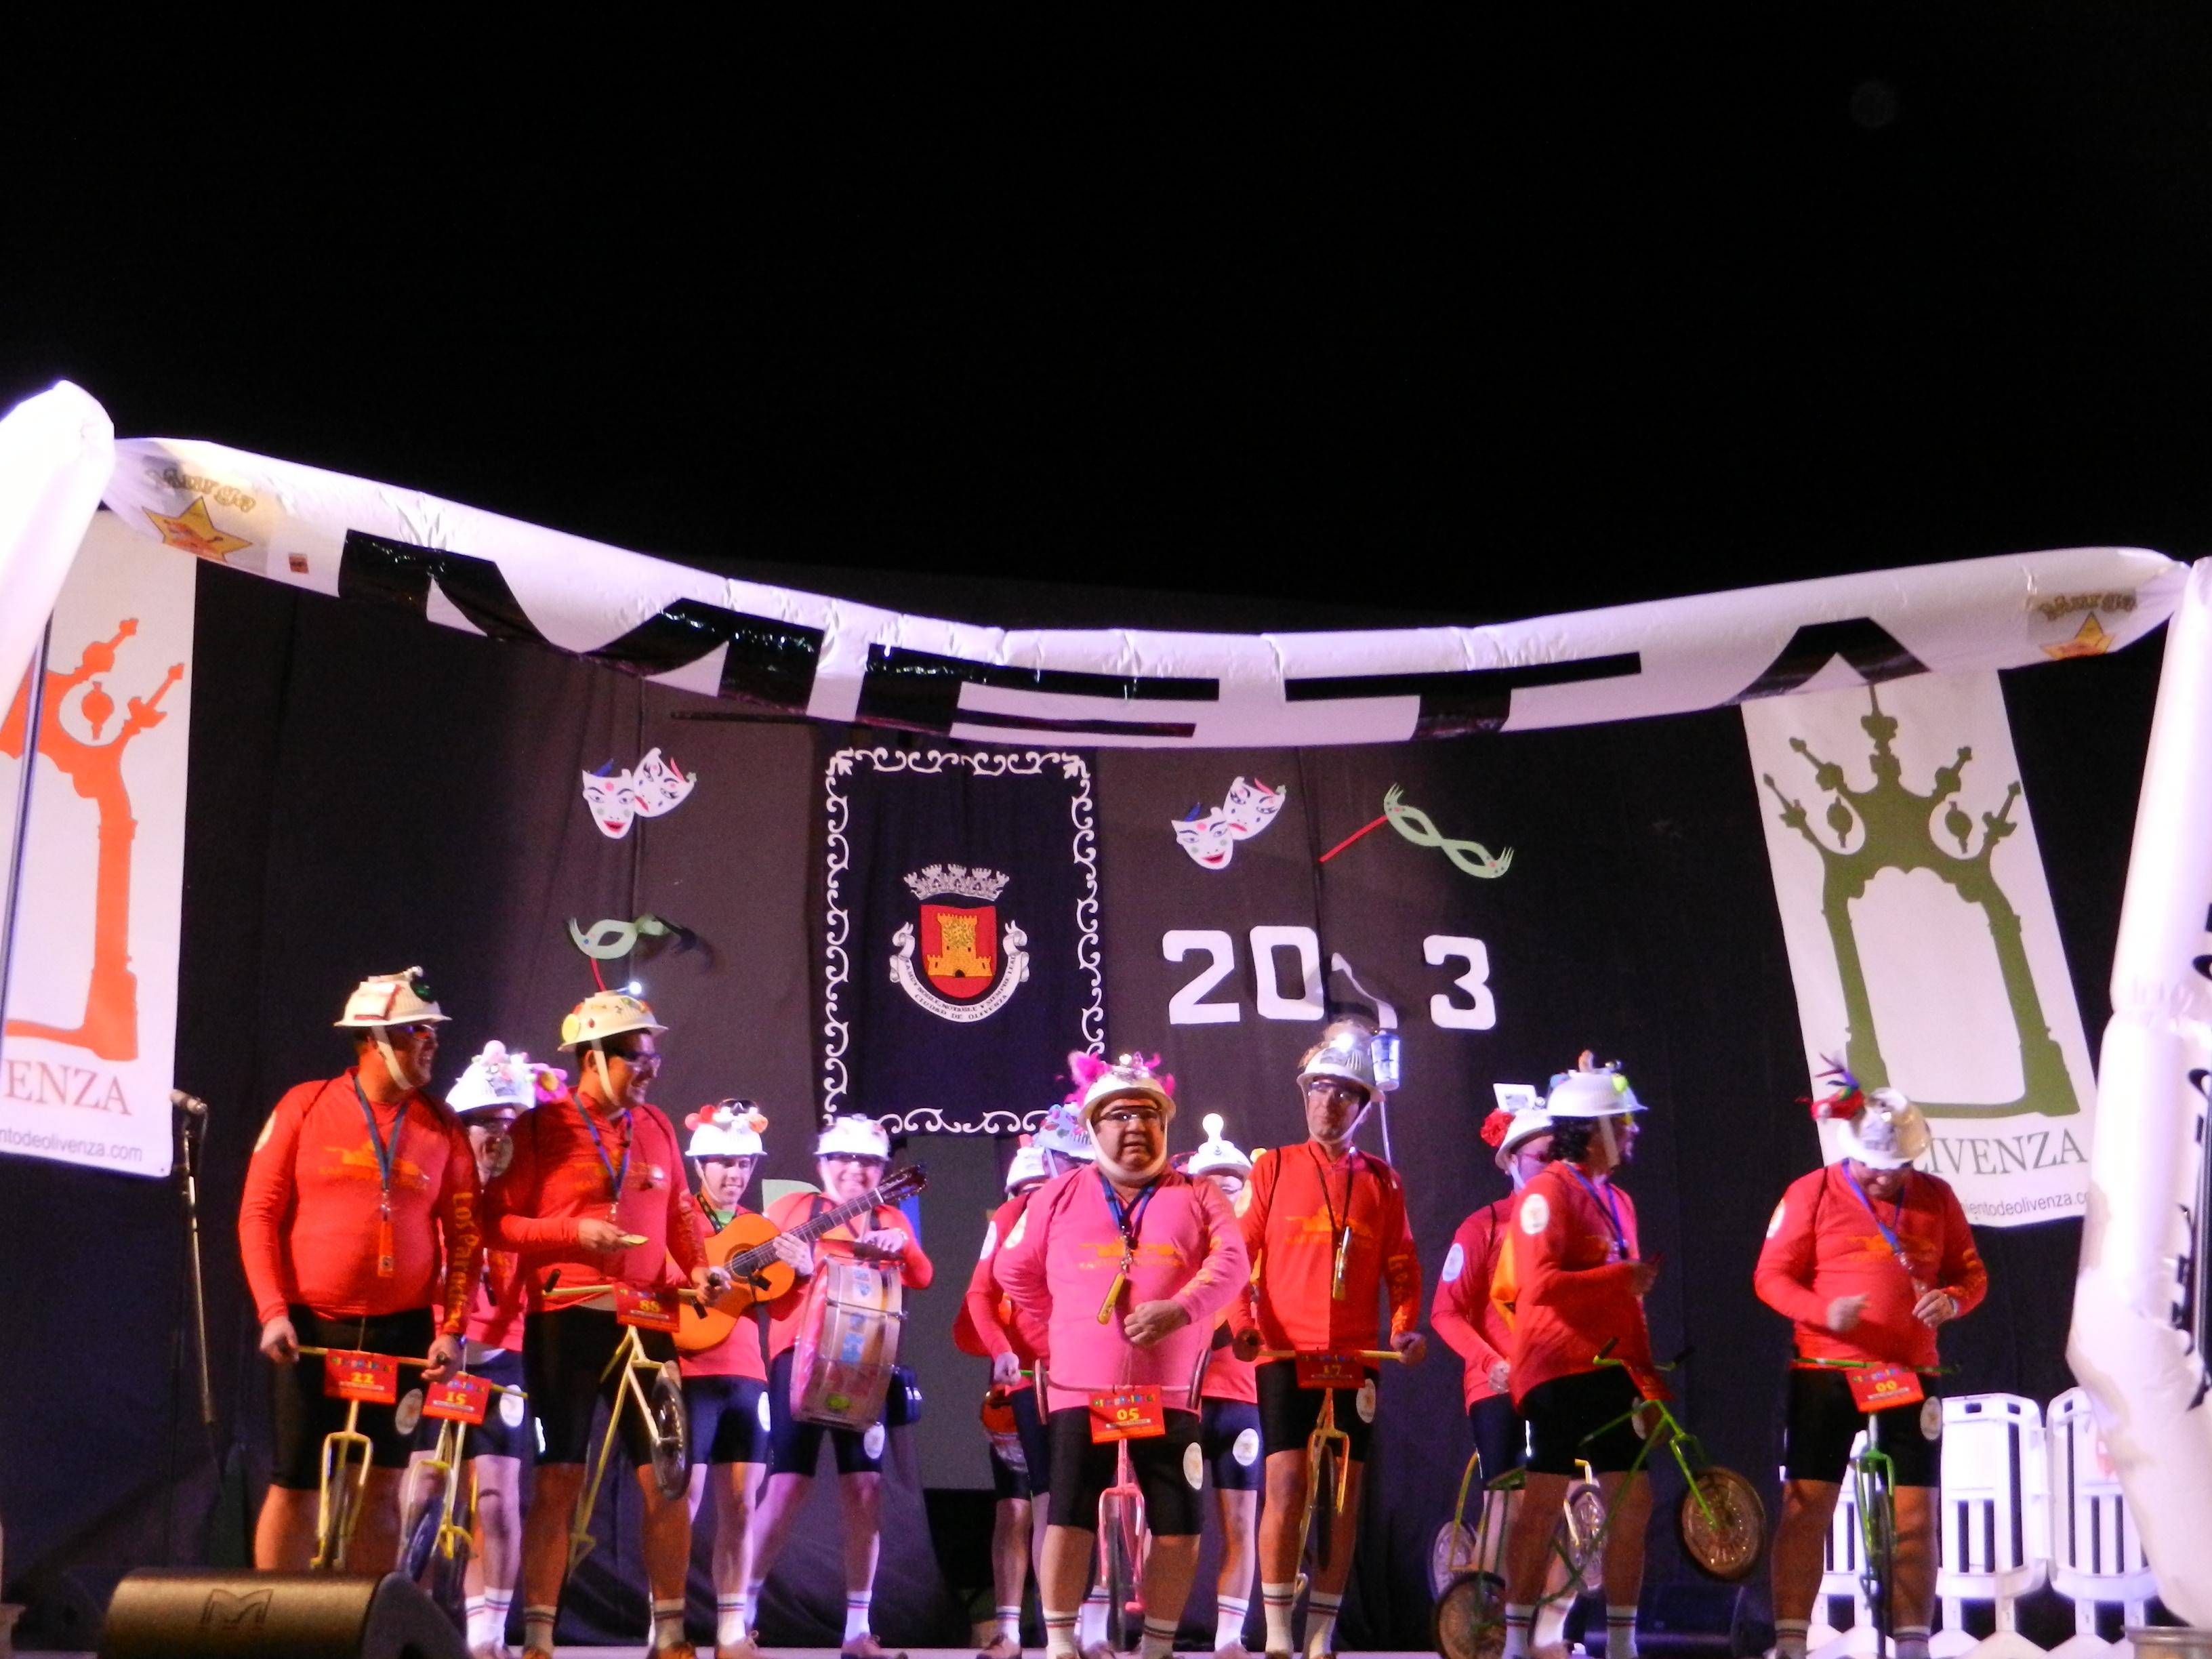 Este año Los Parodias hacen deporte en carnavales